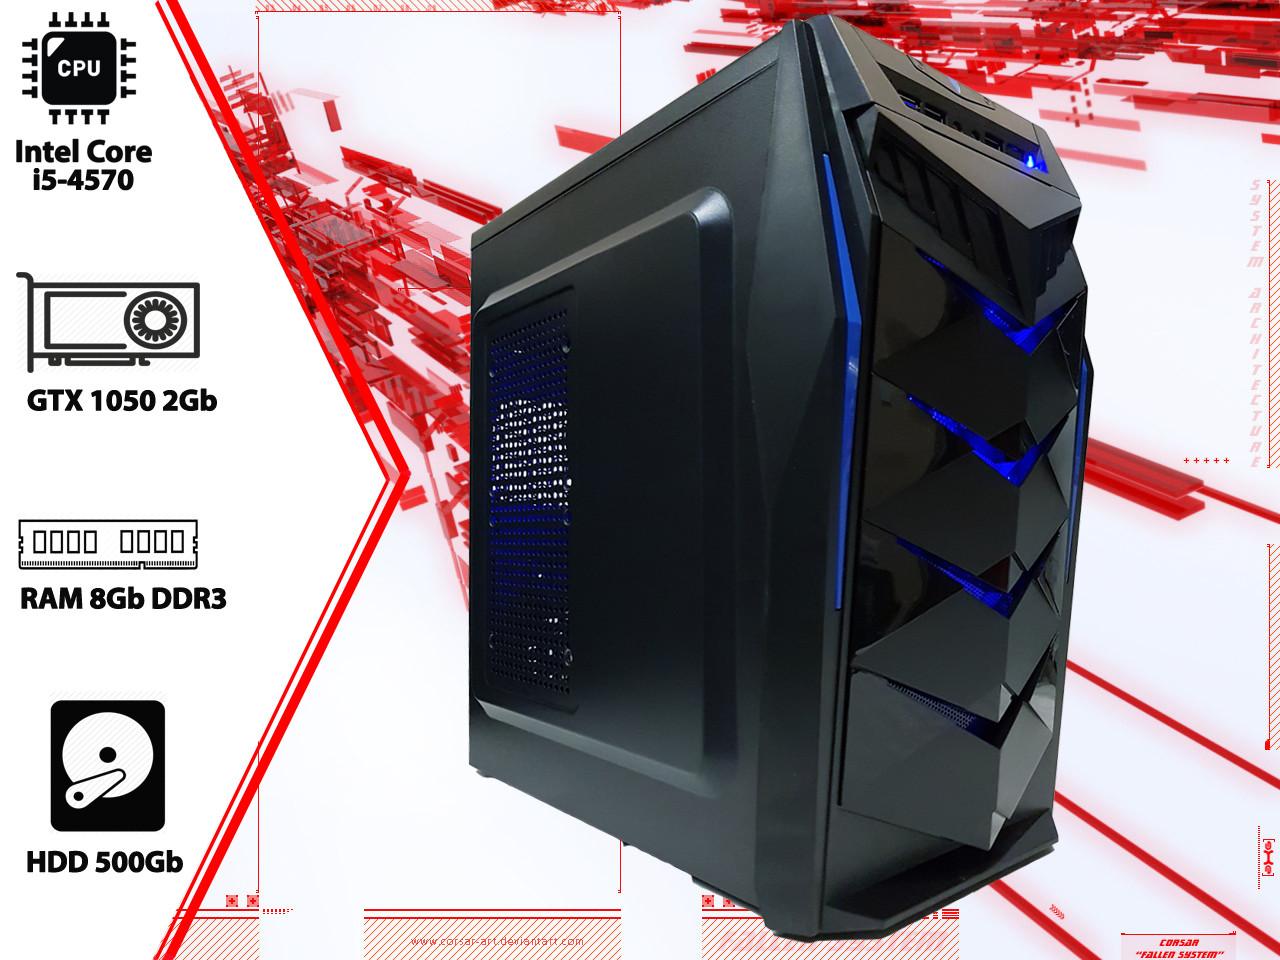 Игровой ПК Intel Core i5 4570, GTX 1050 2Gb, DDR3 8Gb, 500Gb